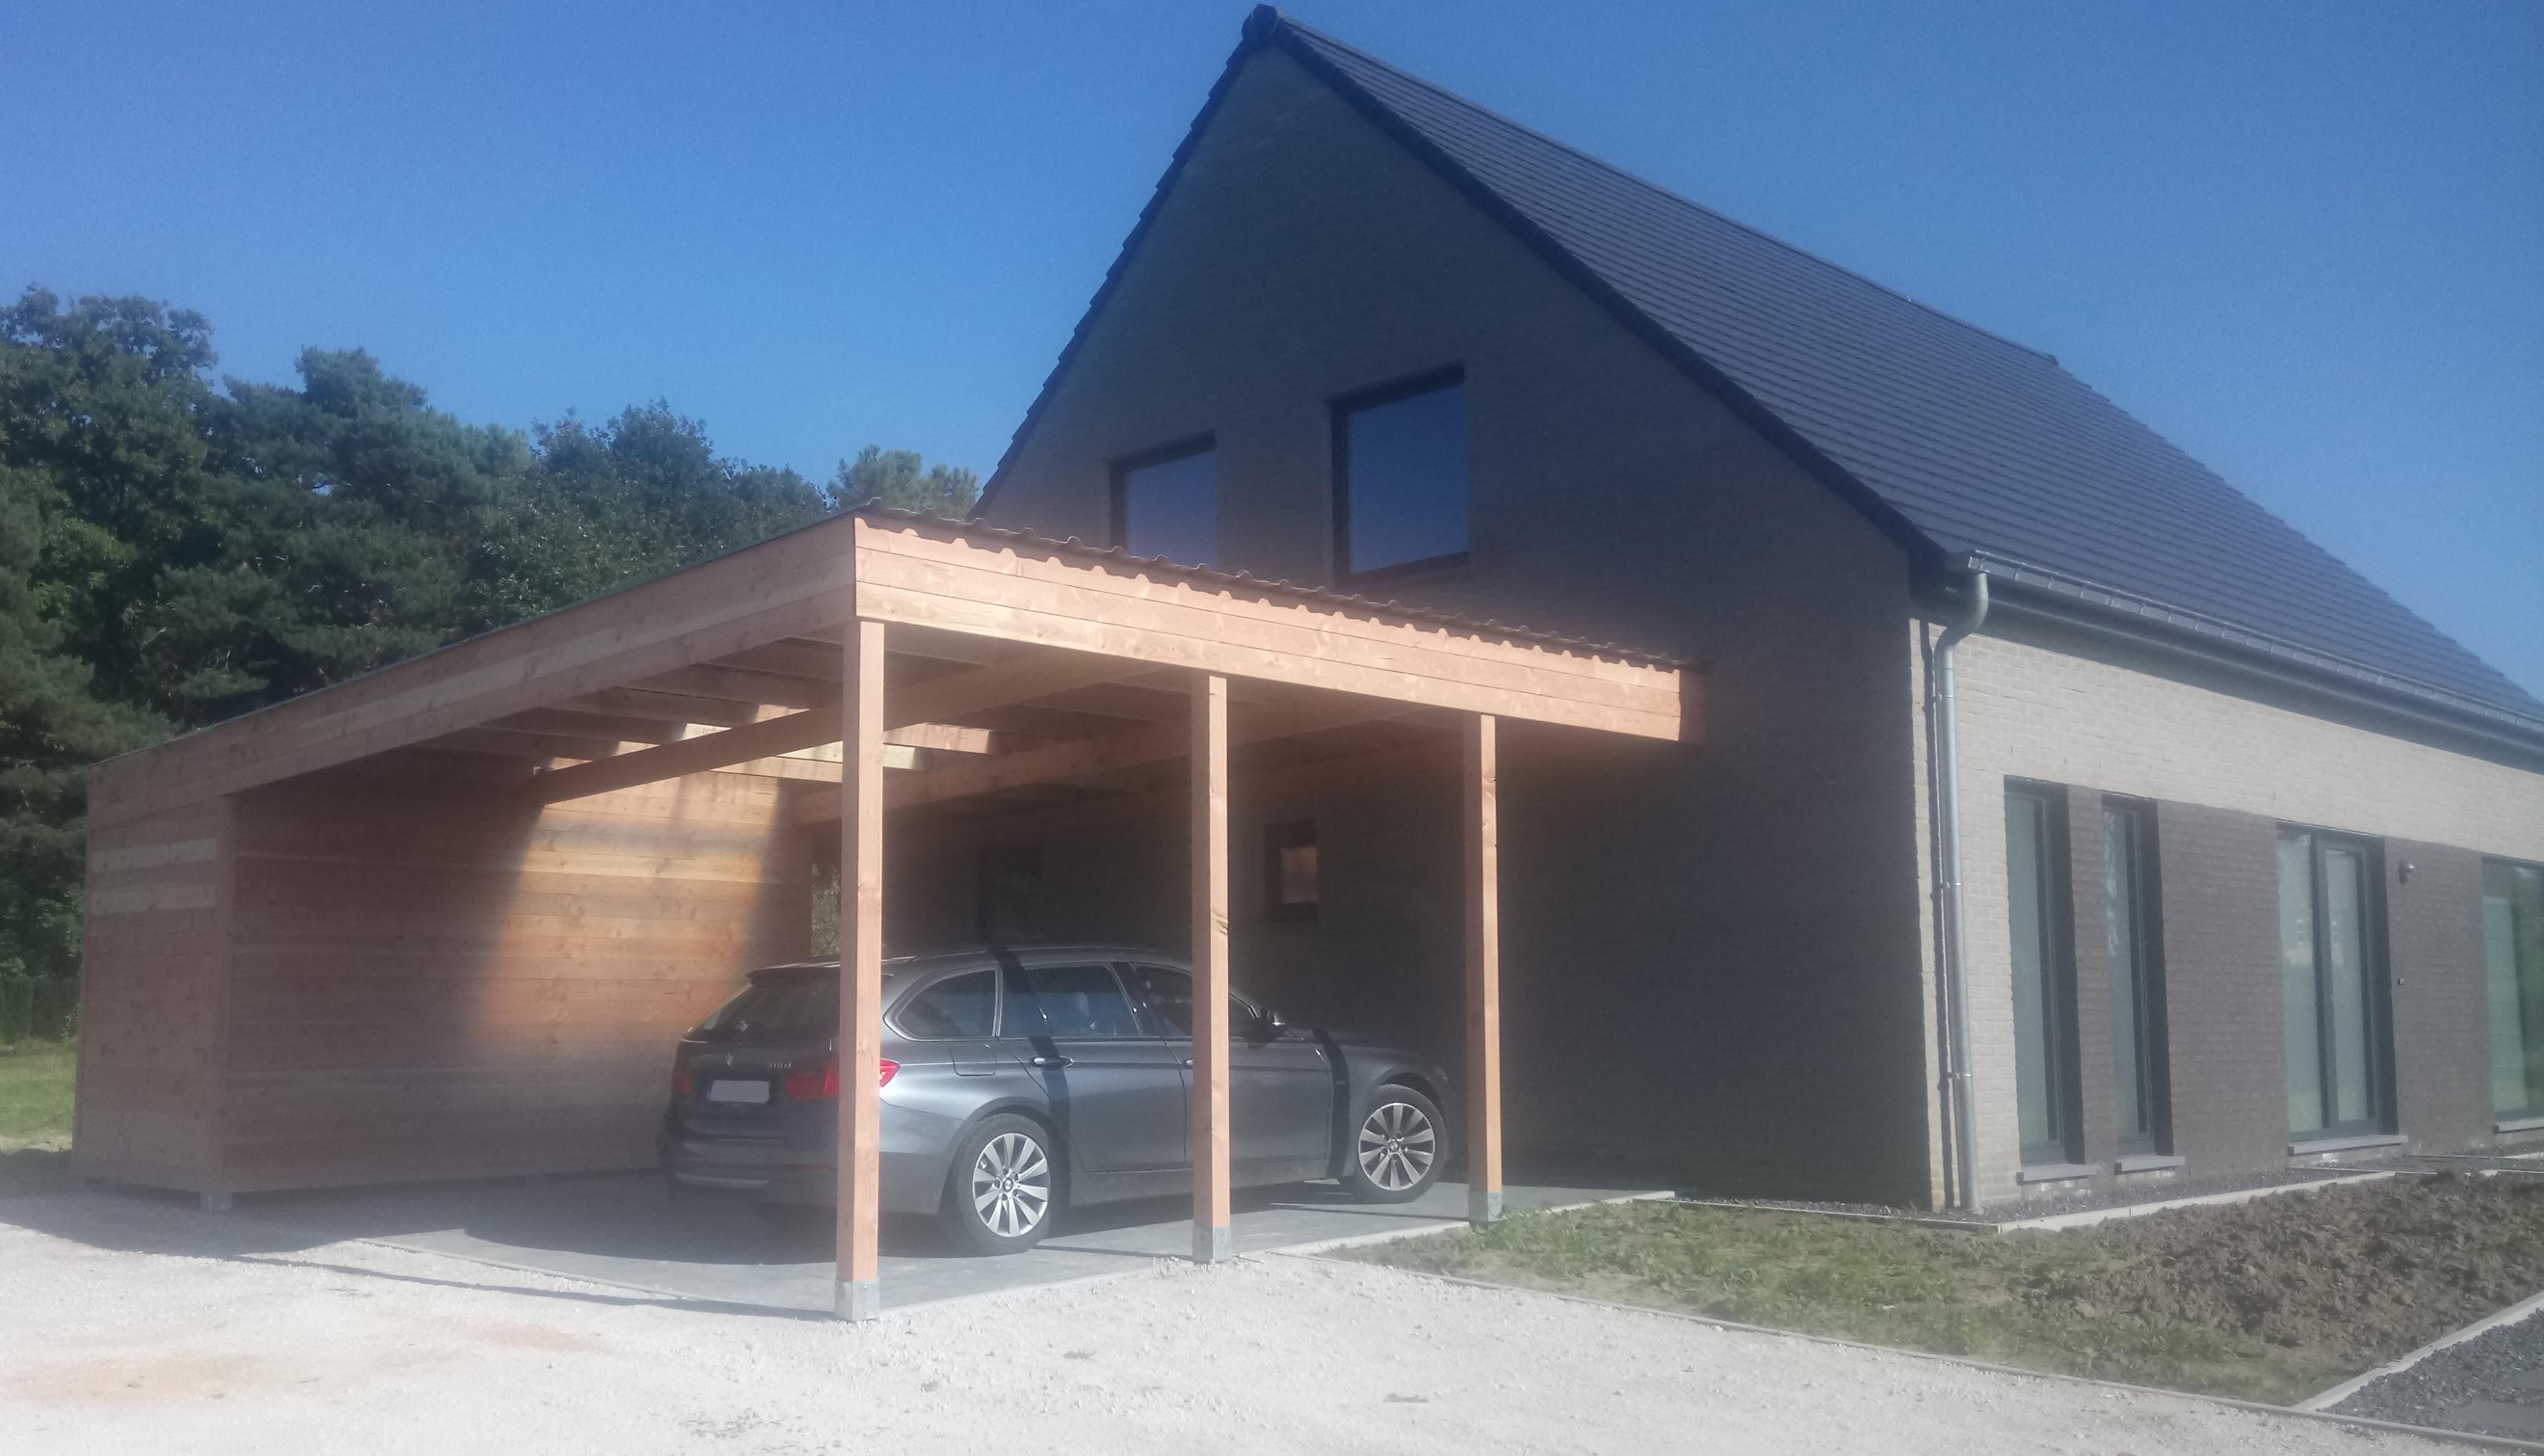 Carport met berging voor één of meer voertuigen - Goedkopecarports.nl